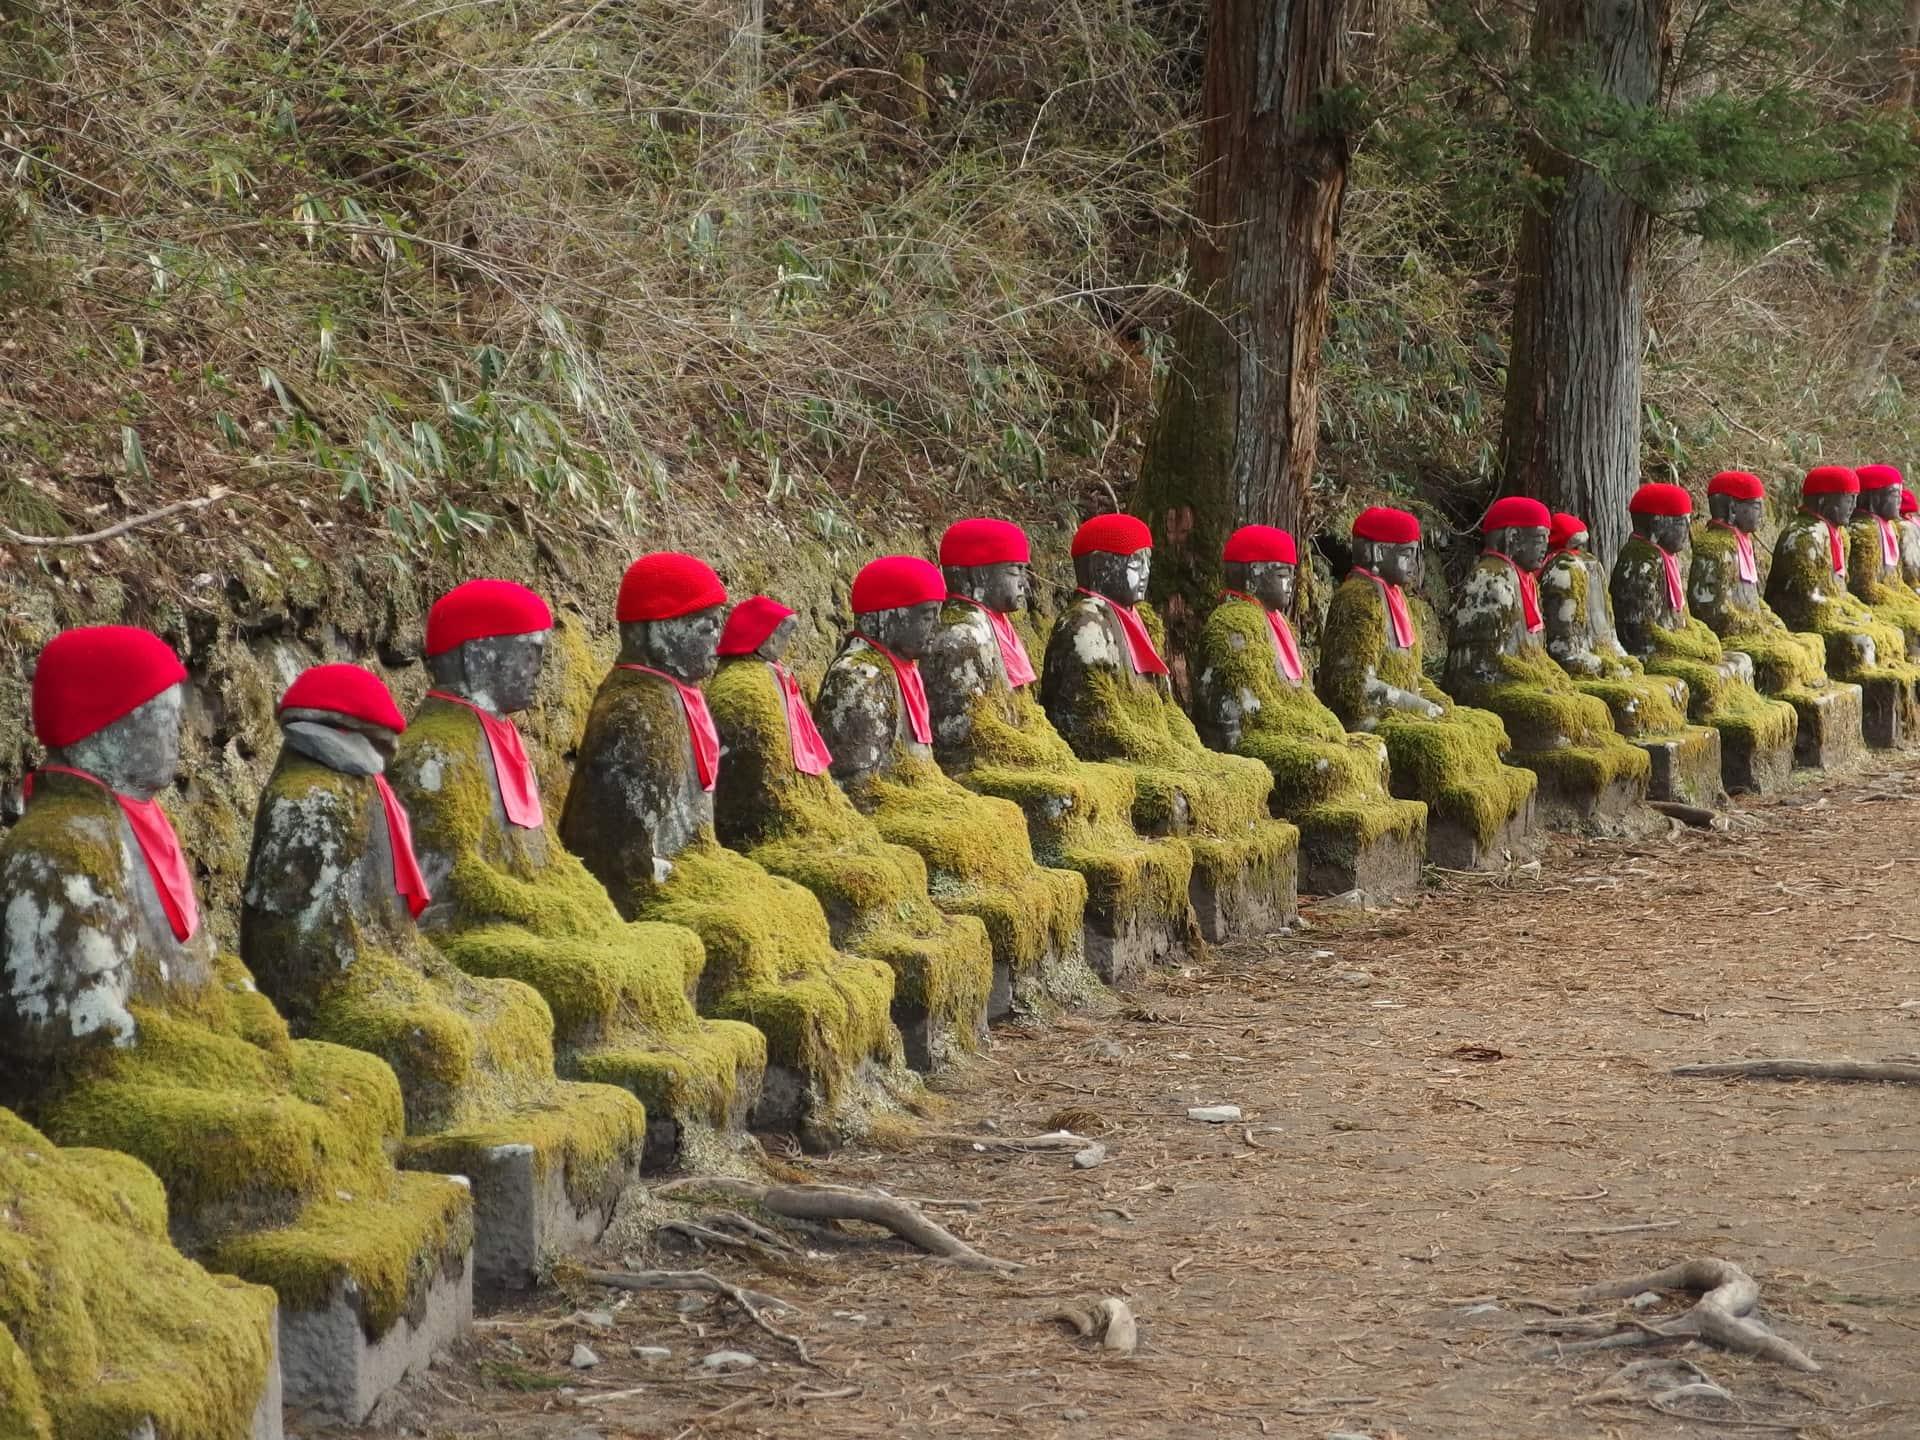 Diese Steinmenschen sitzen ziemlich nah beieinander / (C) flickr - Guilhem Vellut